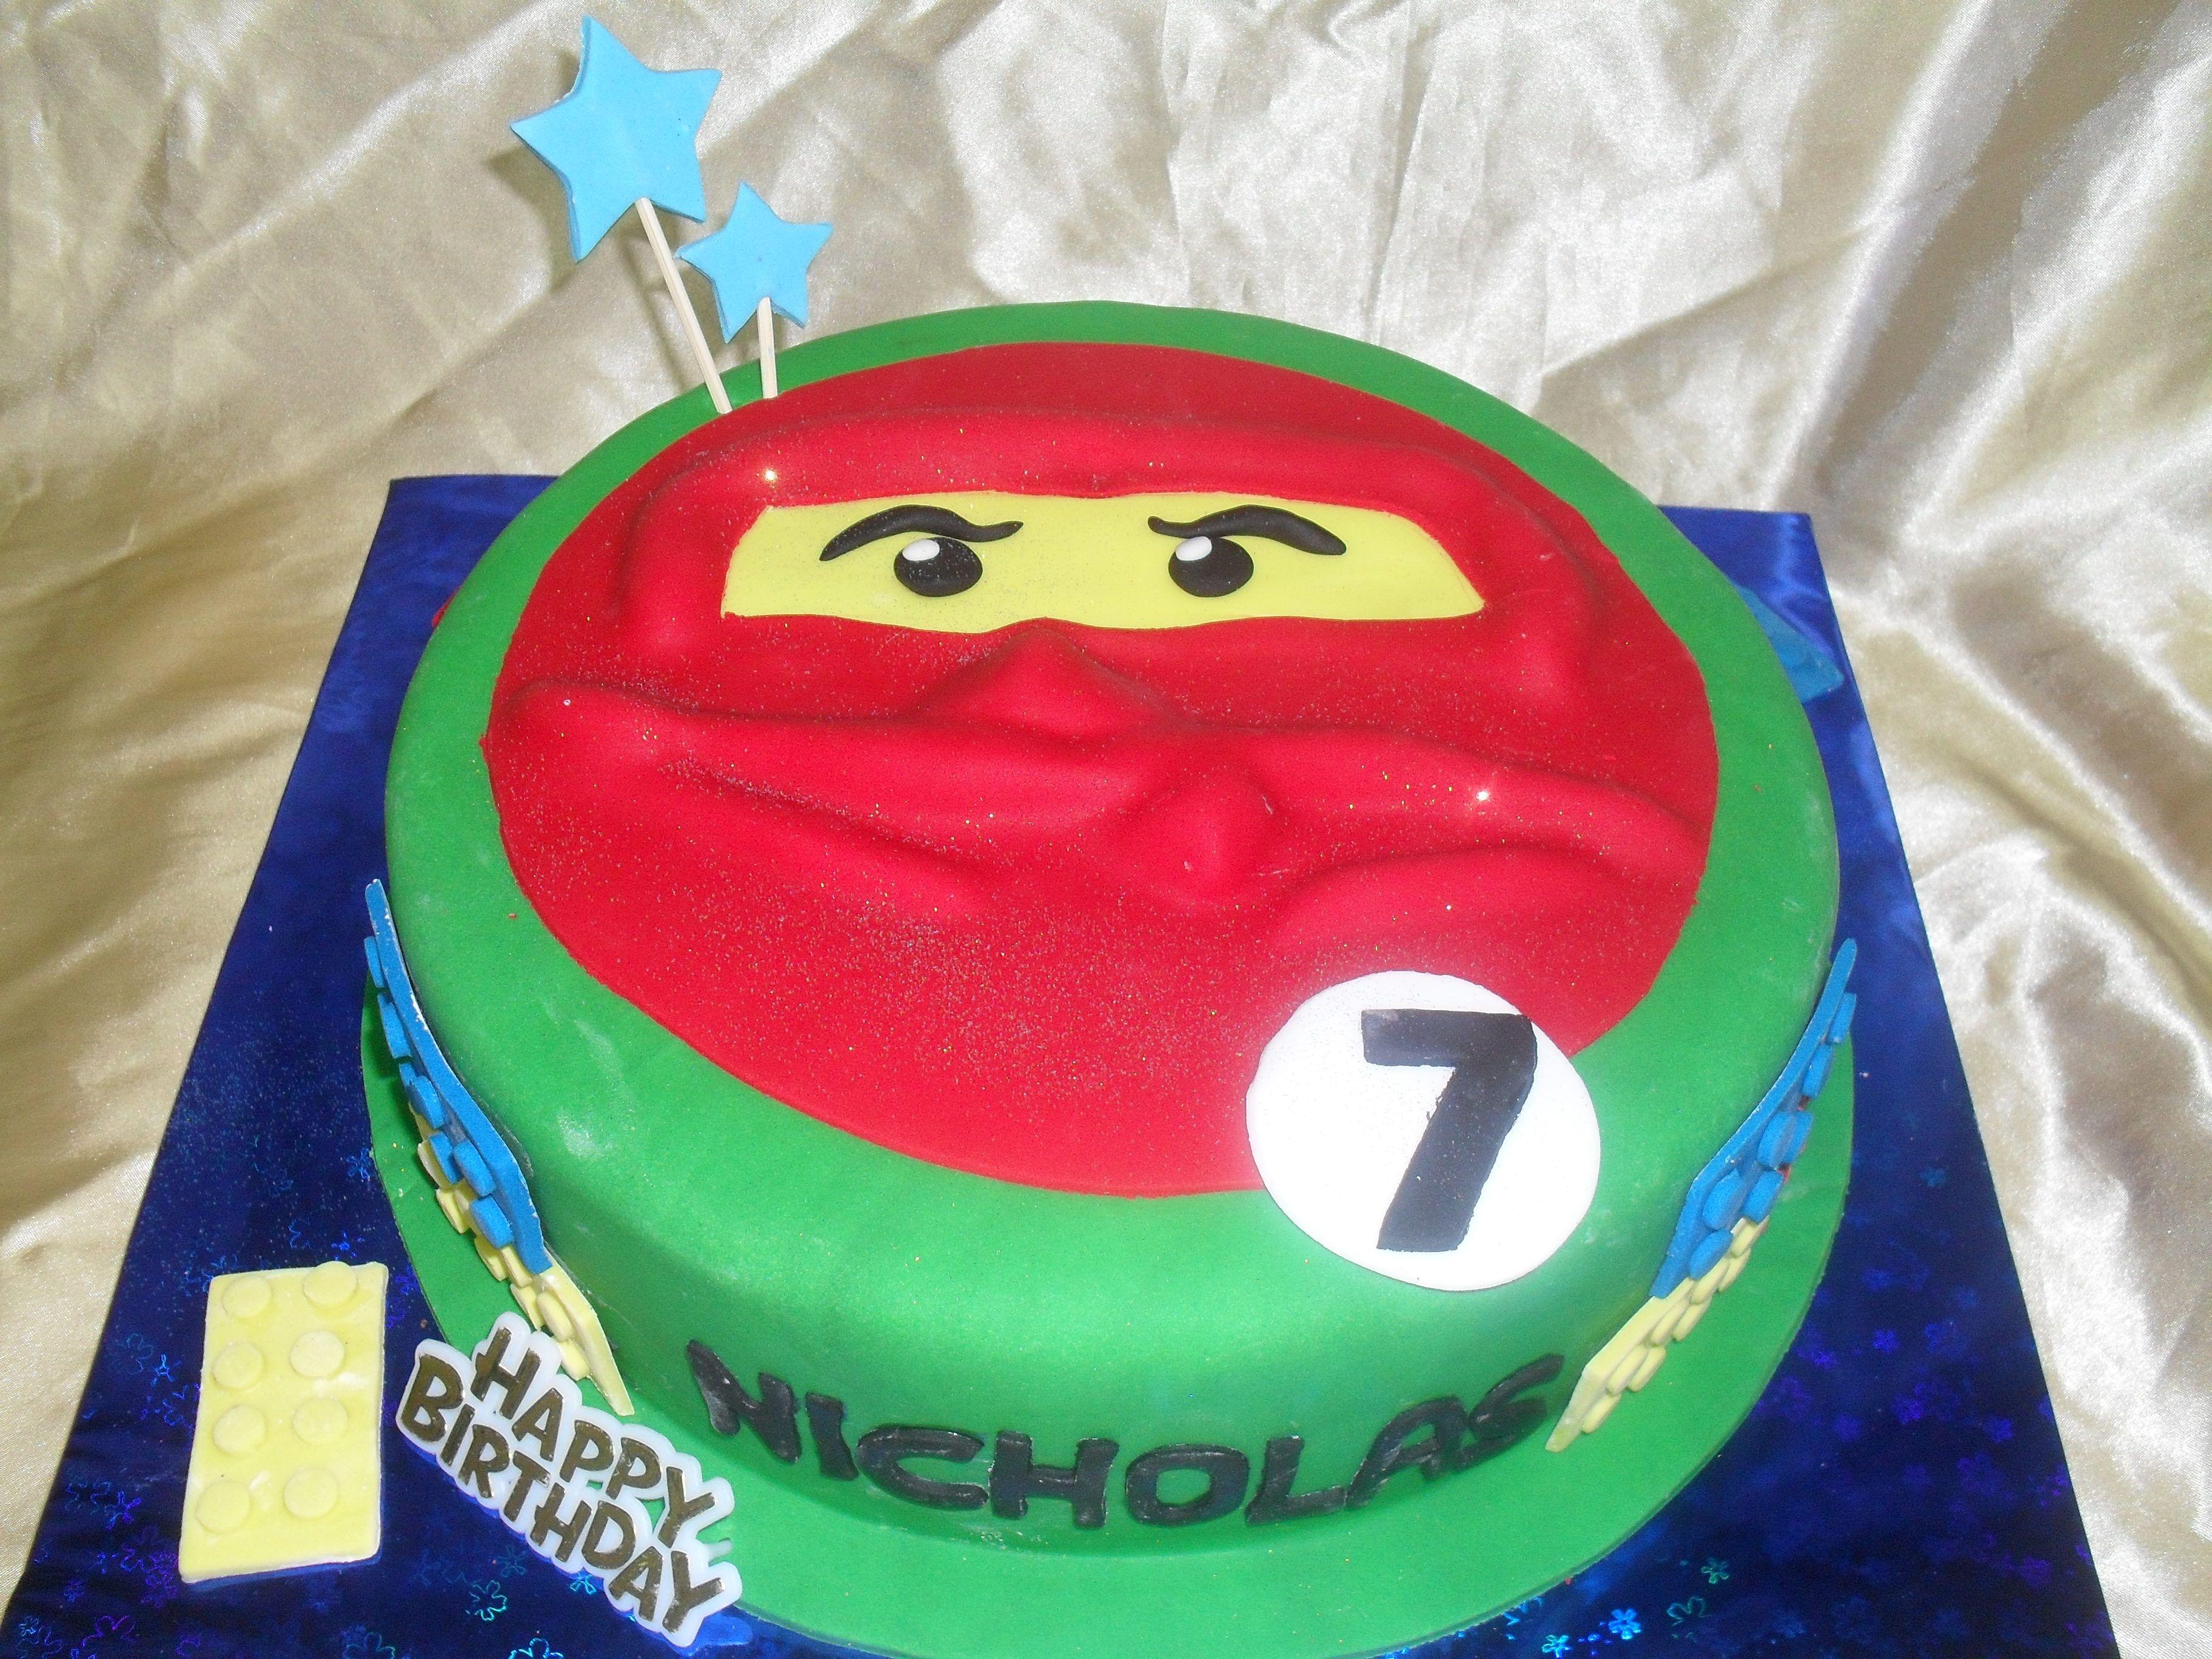 NINJARO BIRTHDAY CAKE wwwfrescofoodsconz frescowooshconz